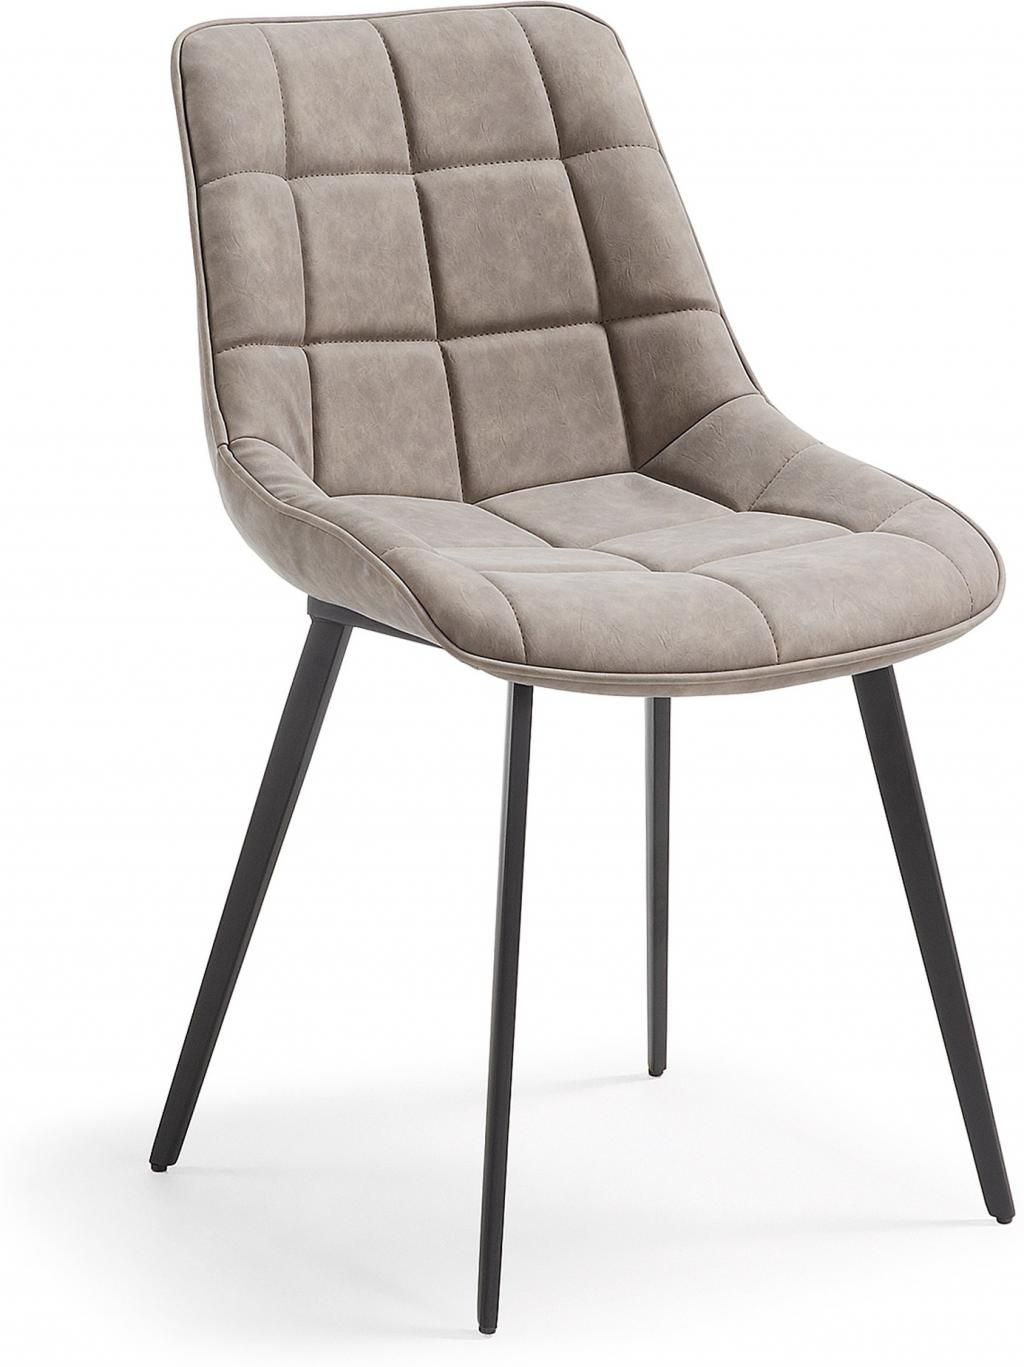 Moroso Fauteuil Juju Chair